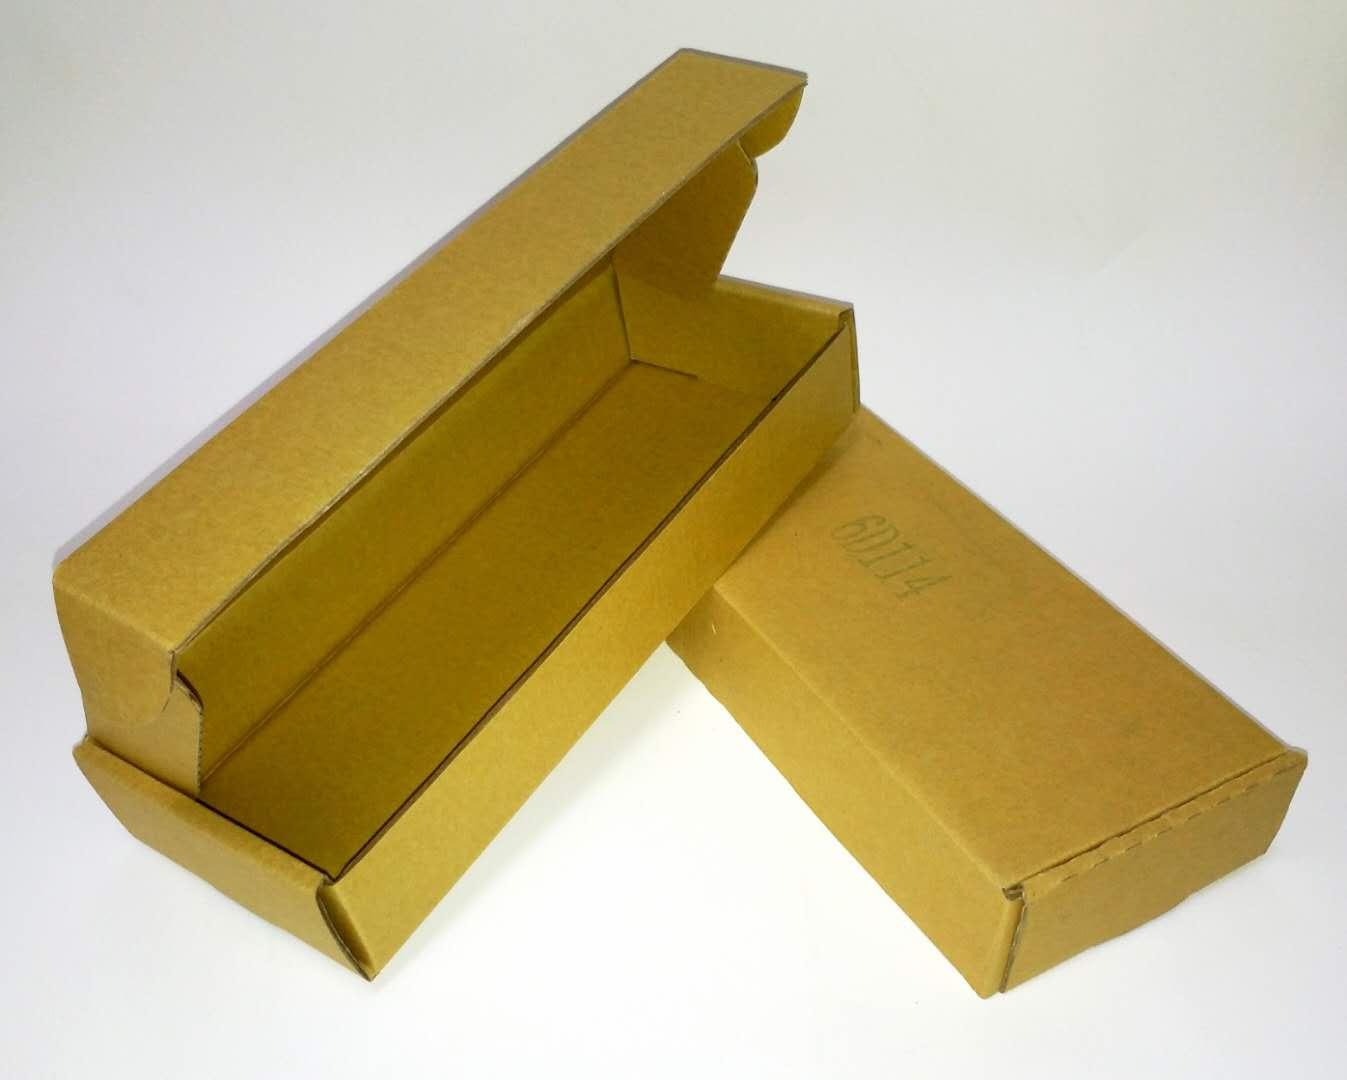 紙箱市場供應/廣州紙箱生產廠家定制價格/創誠包裝